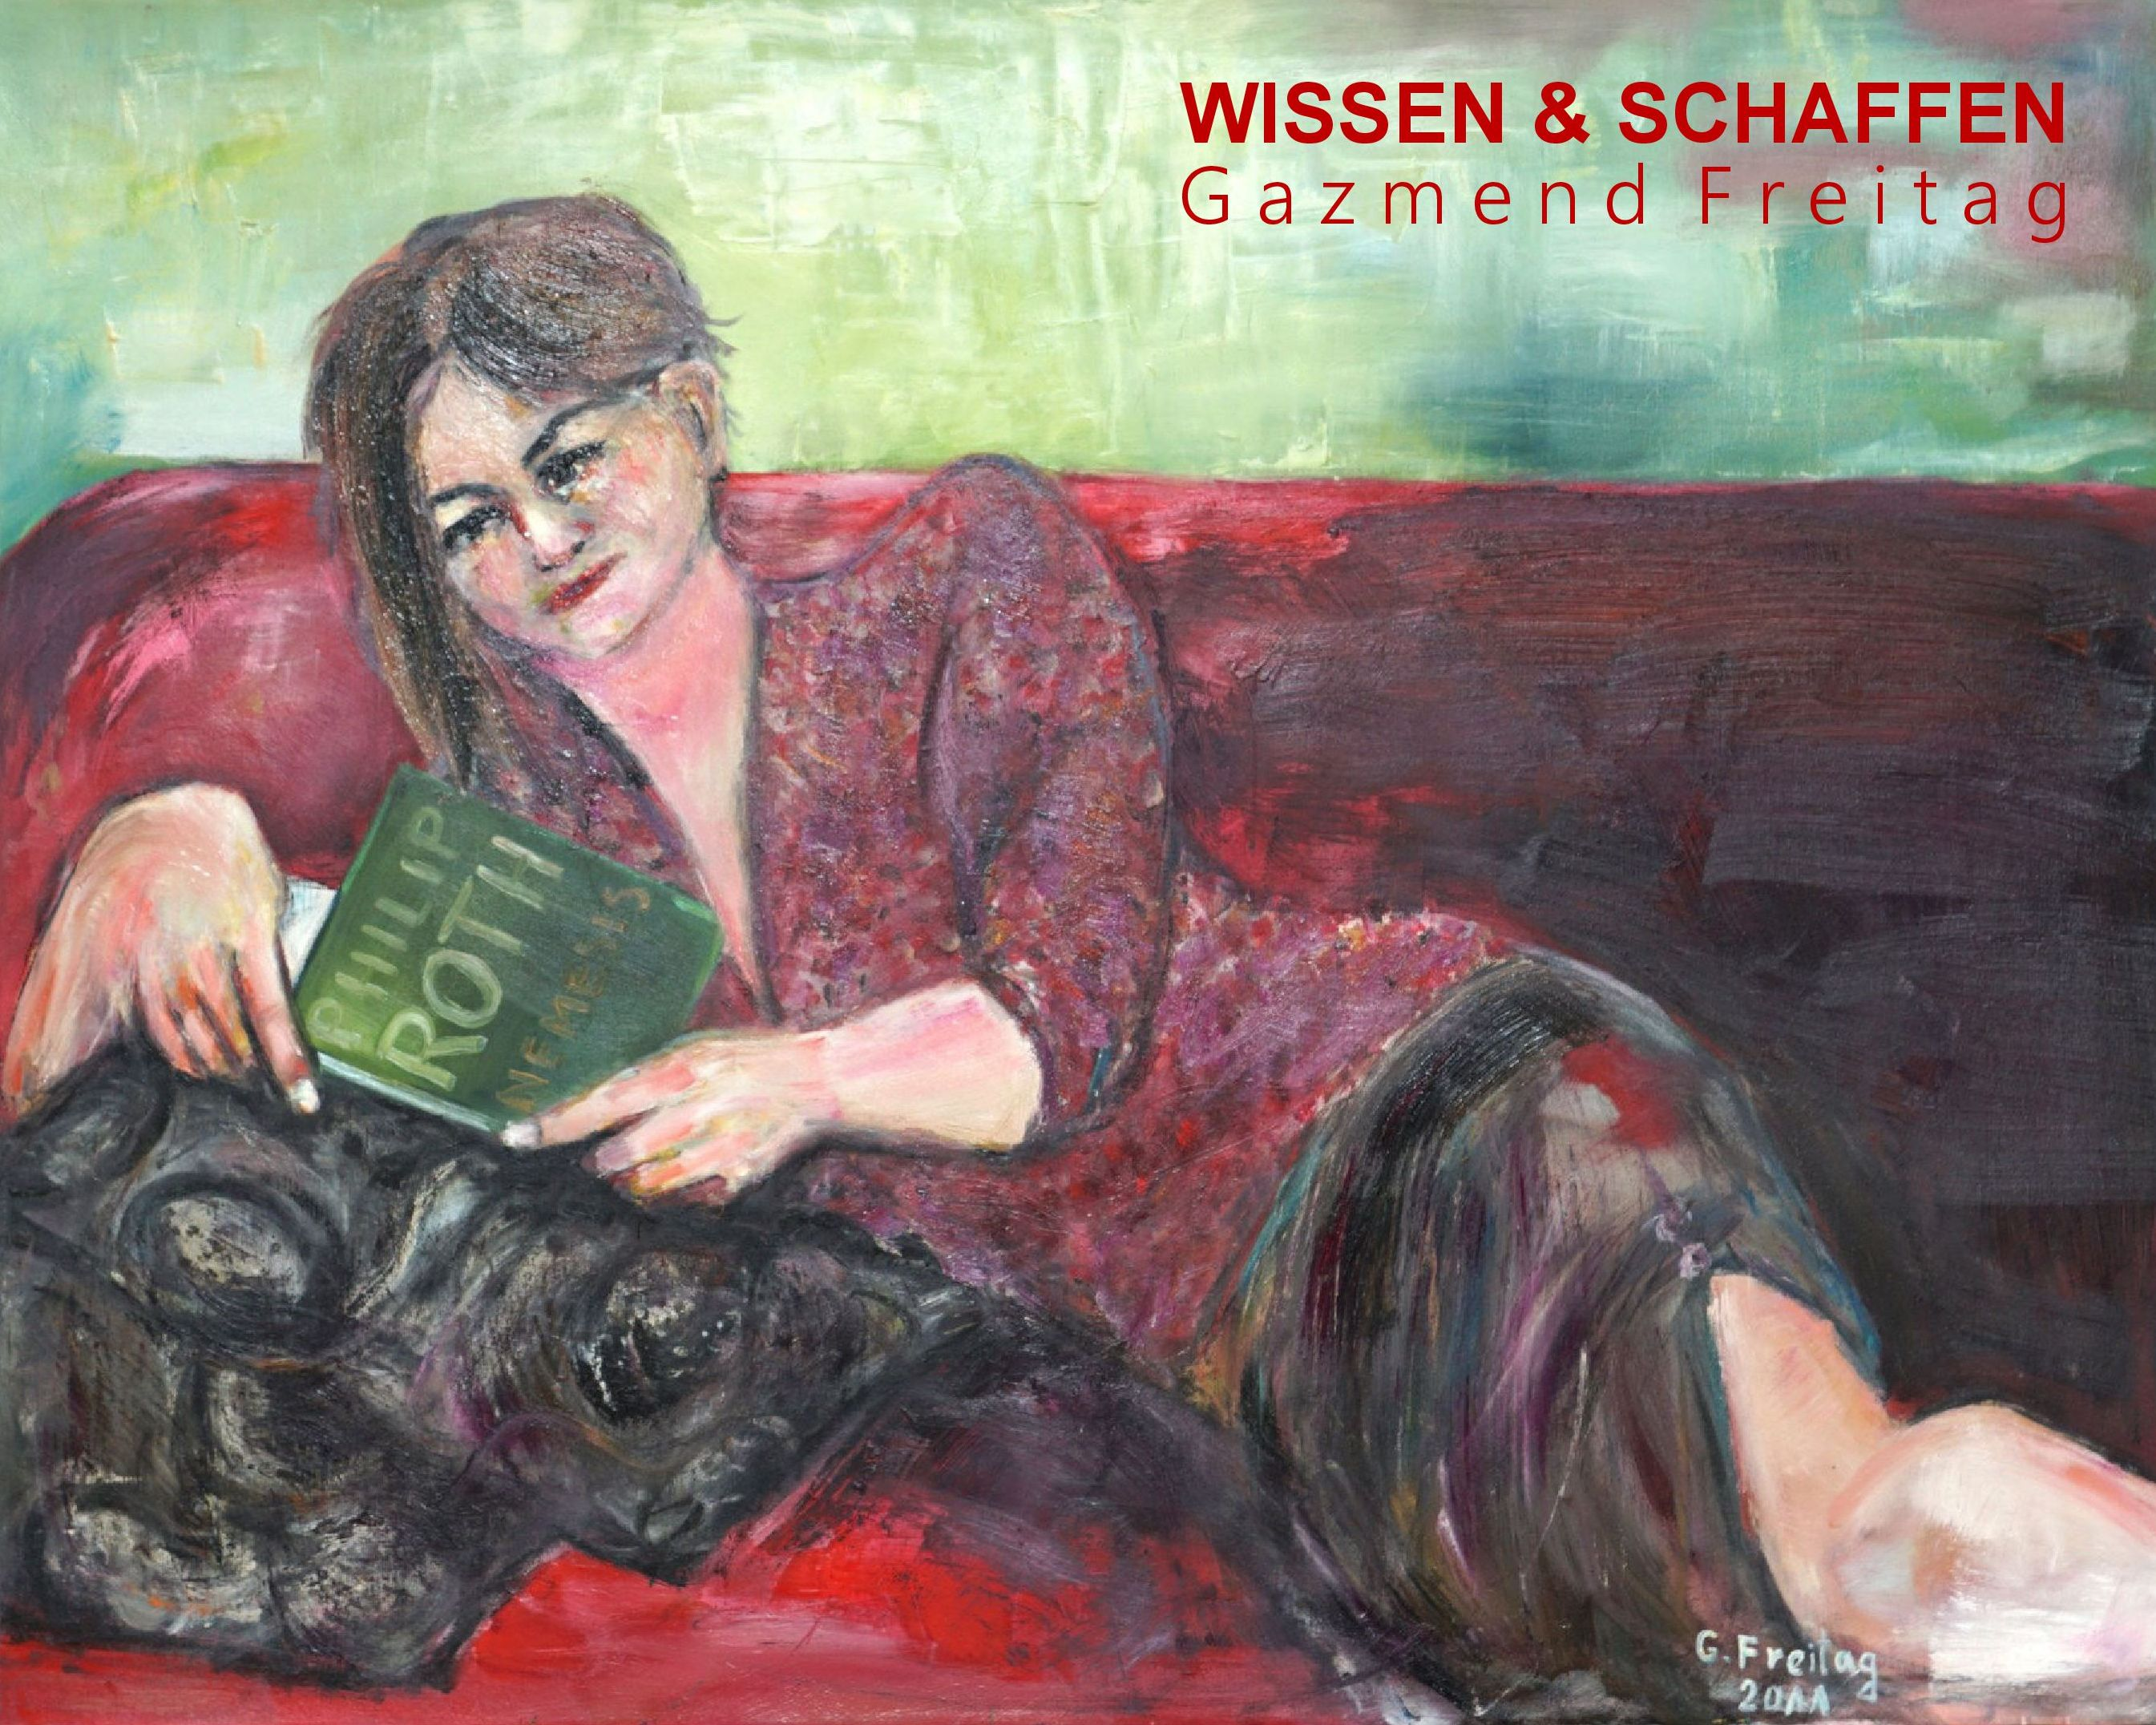 Gazmend Freitag: Literatur schafft Wissen, 2011, Öl auf Leinwand, 80 x 100 cm